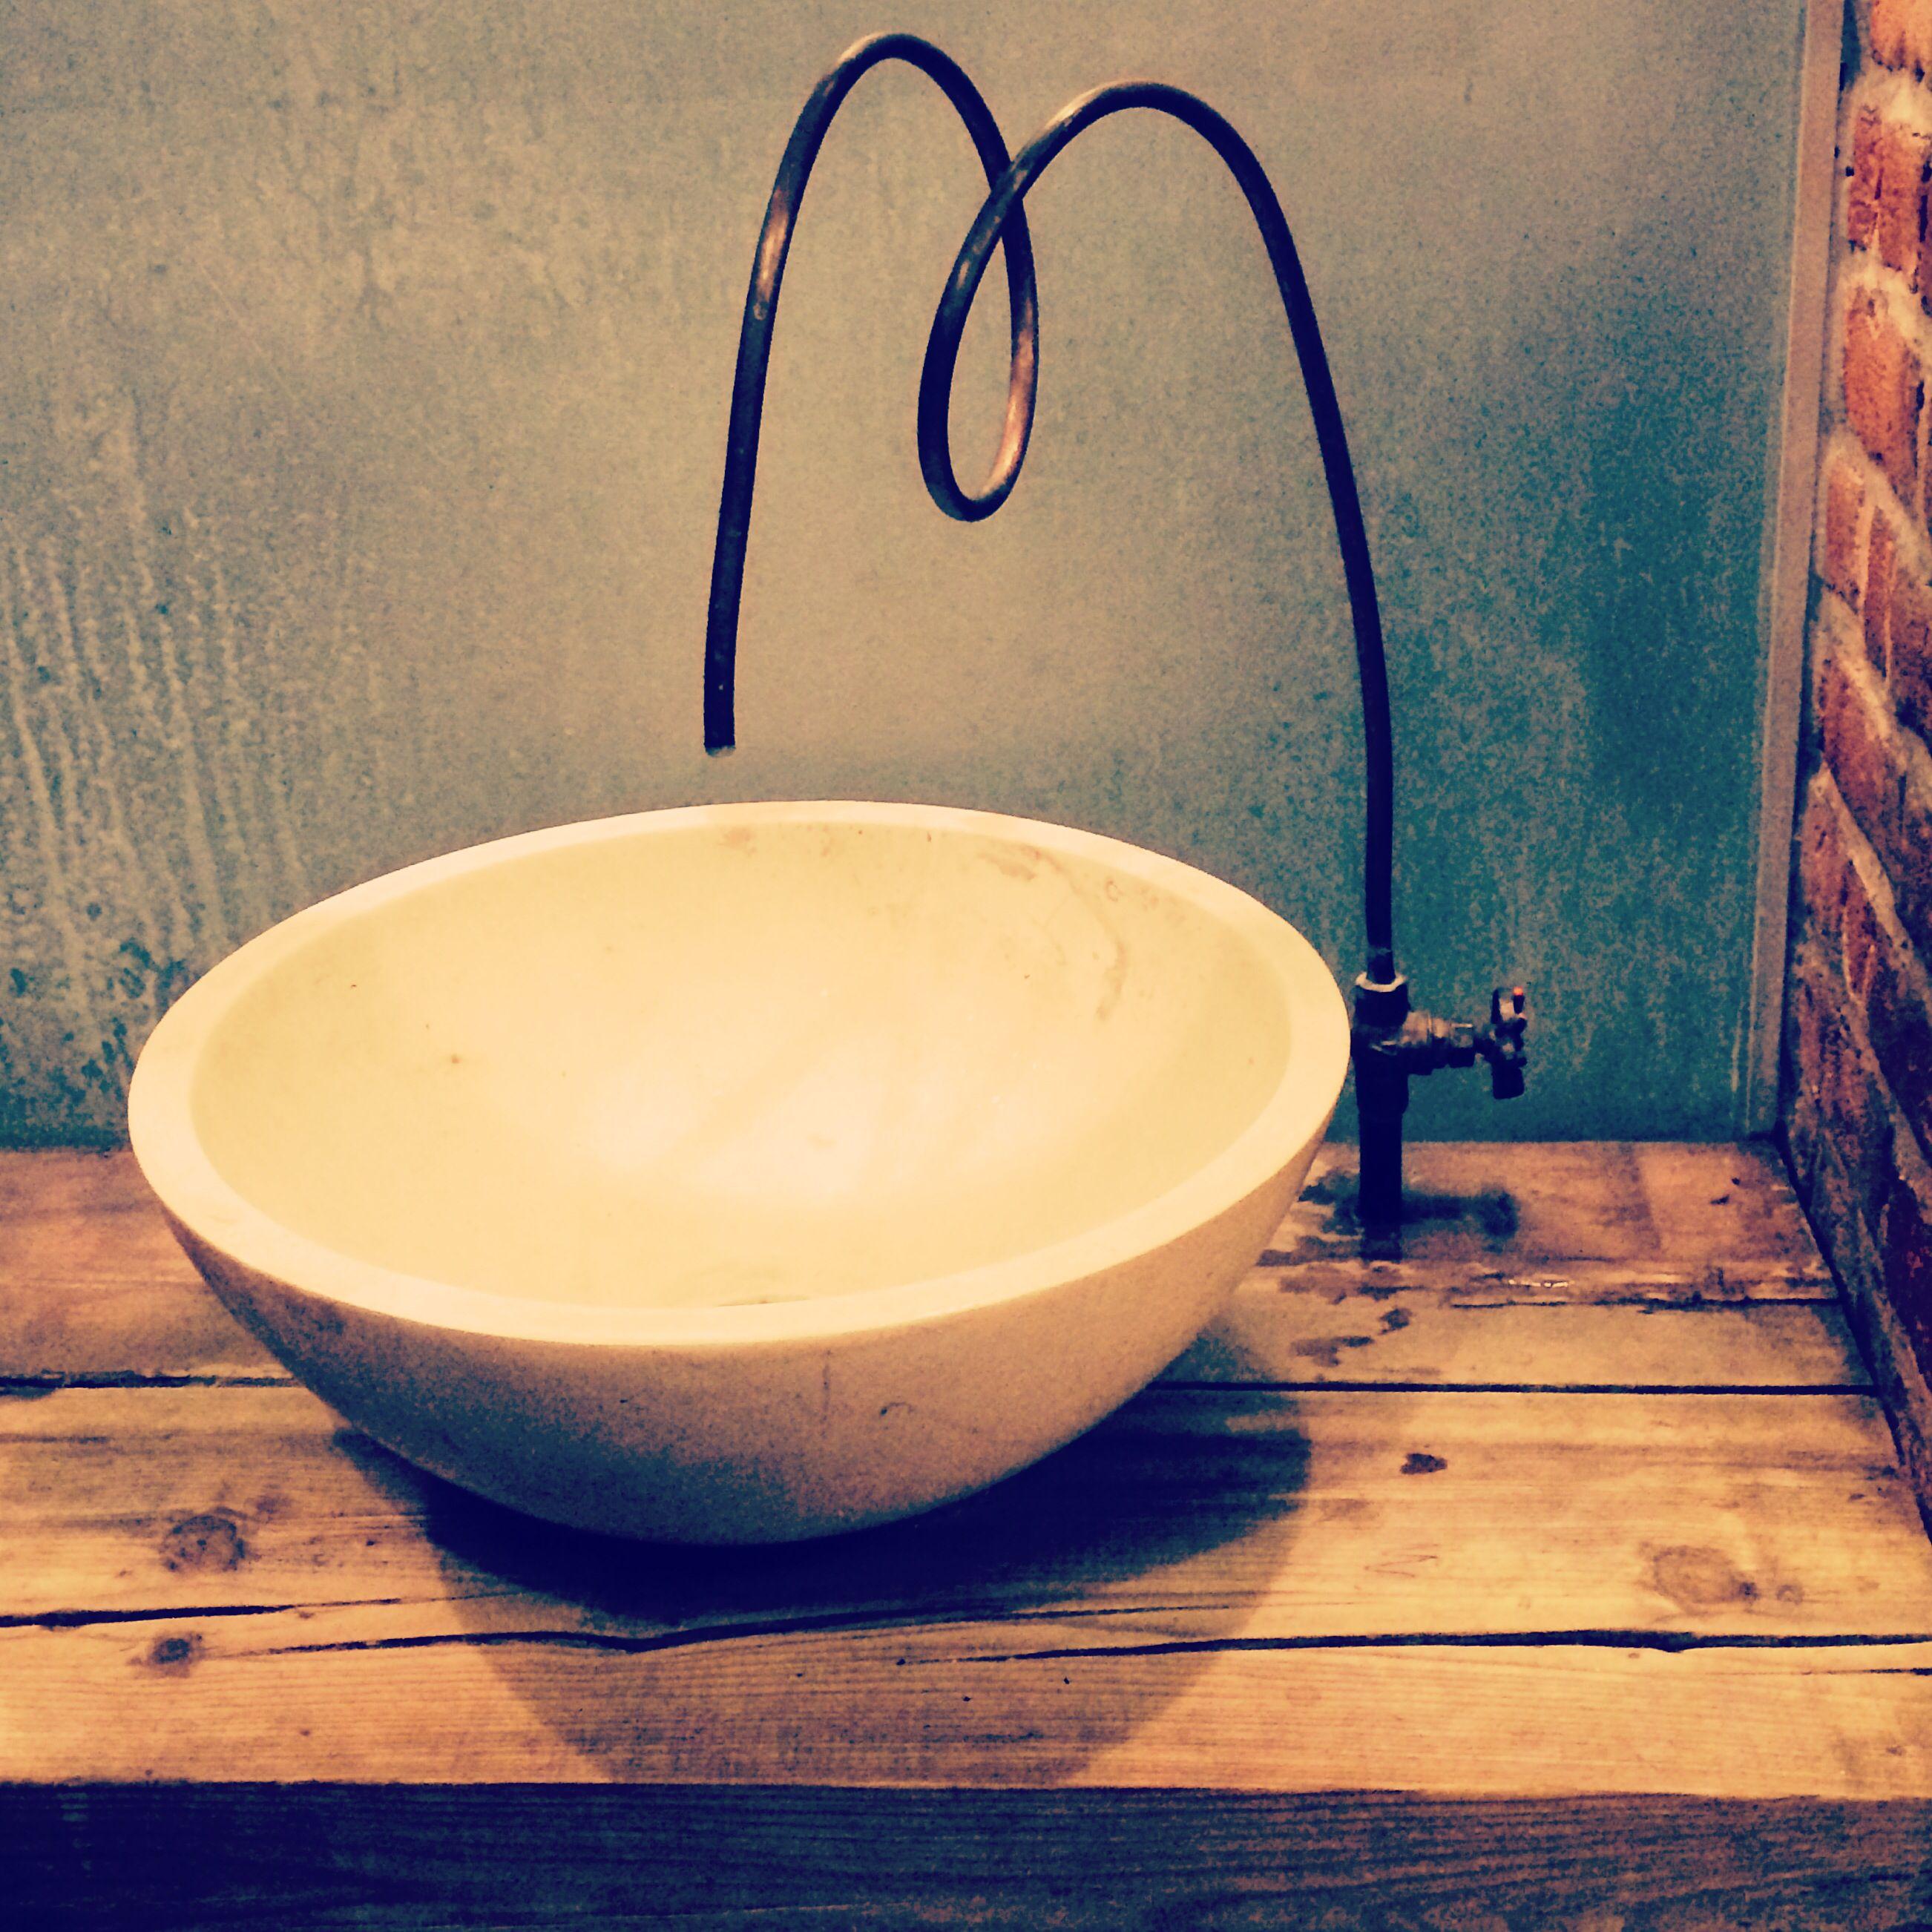 Tuber a de cobre como grifo sencillo y agradable cuartos de ba o pinterest tuber a de - Griferia de cobre ...